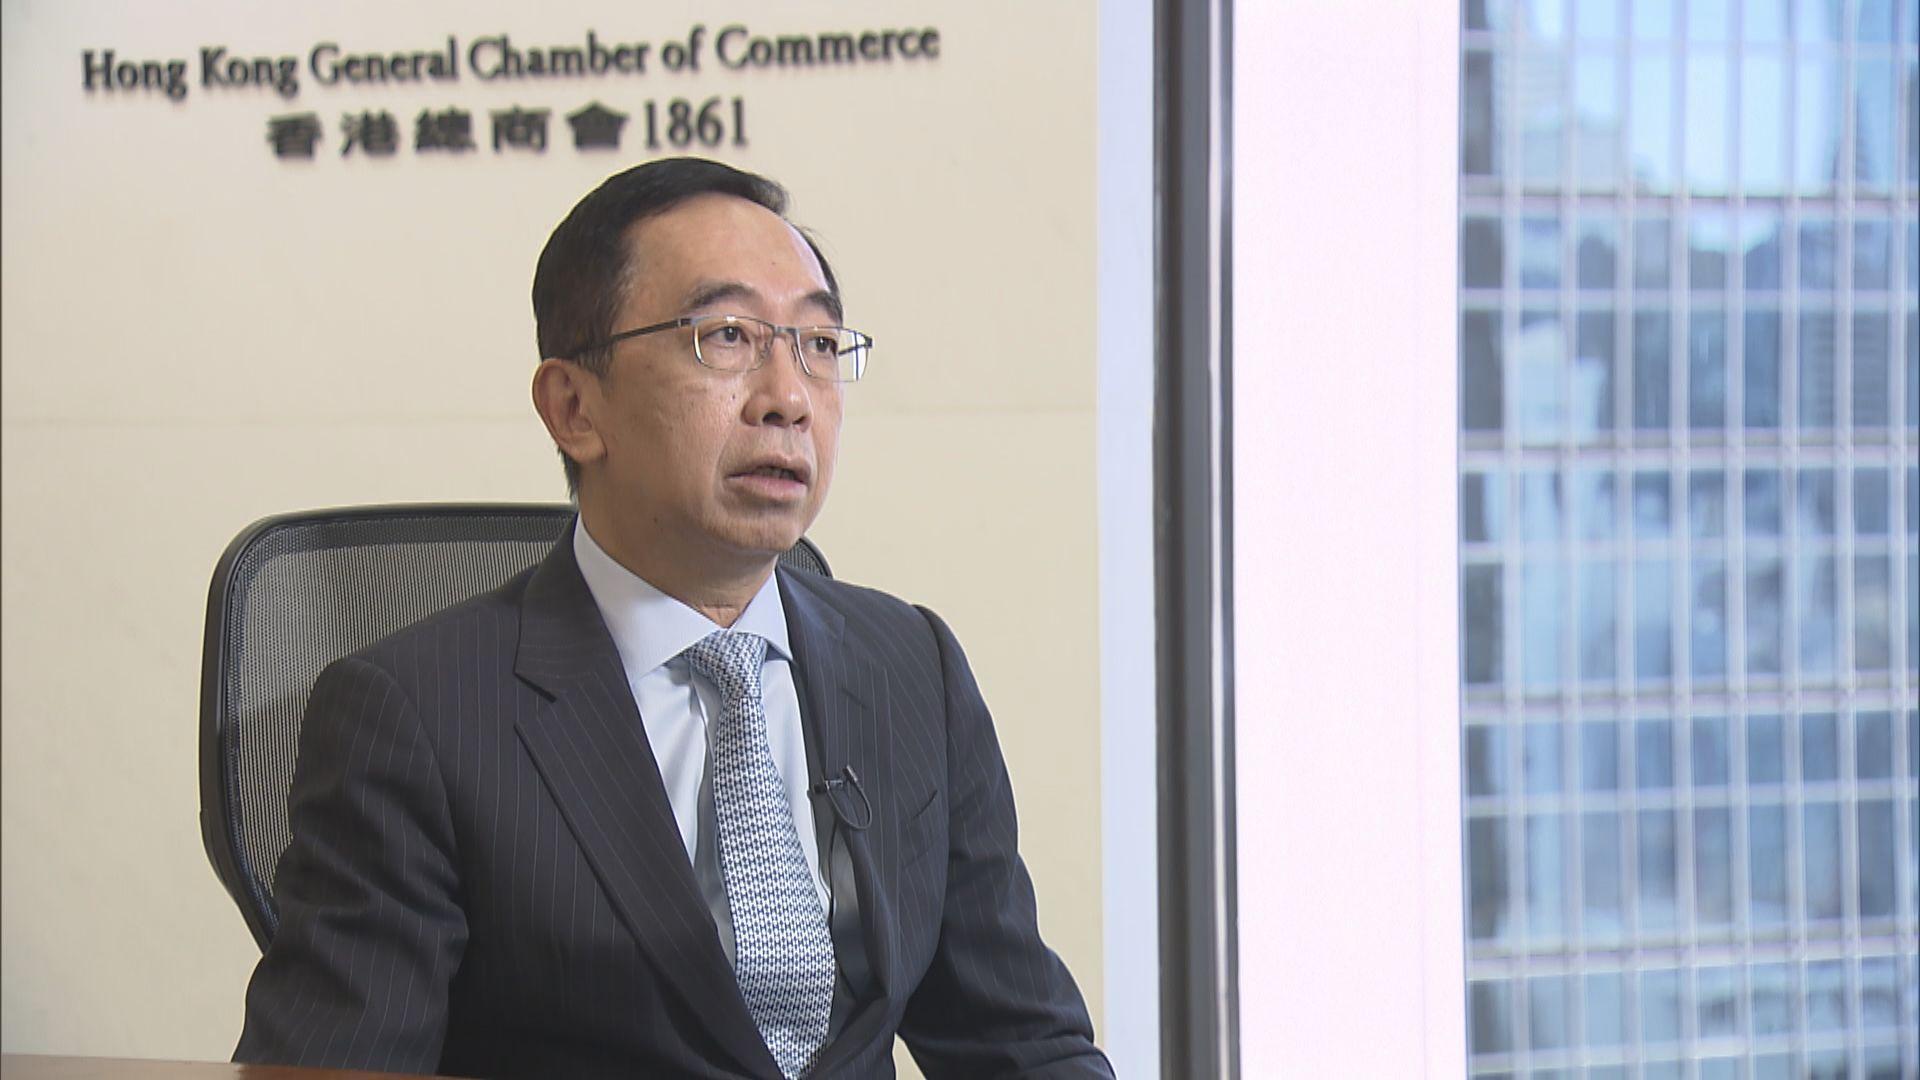 梁兆基:經濟需要至少兩年才可回復疫情前水平